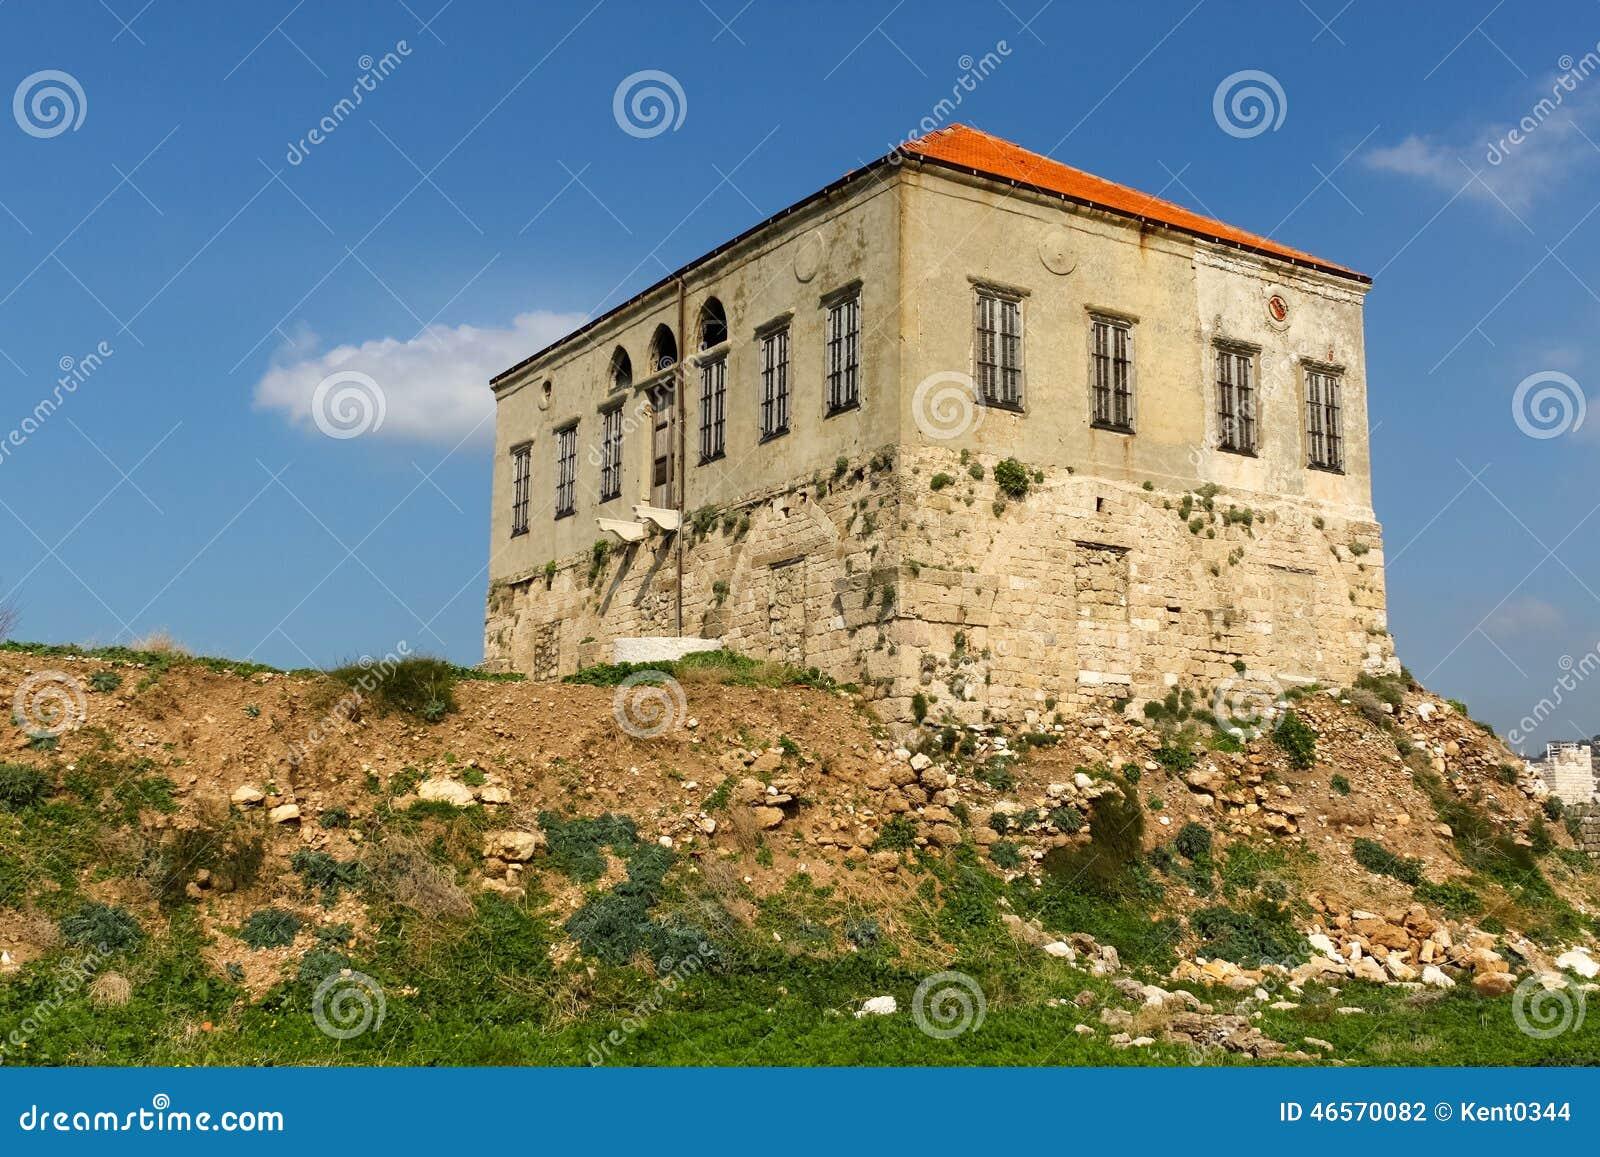 Maison libanaise traditionnelle byblos photo stock for Architecture maison traditionnelle libanaise